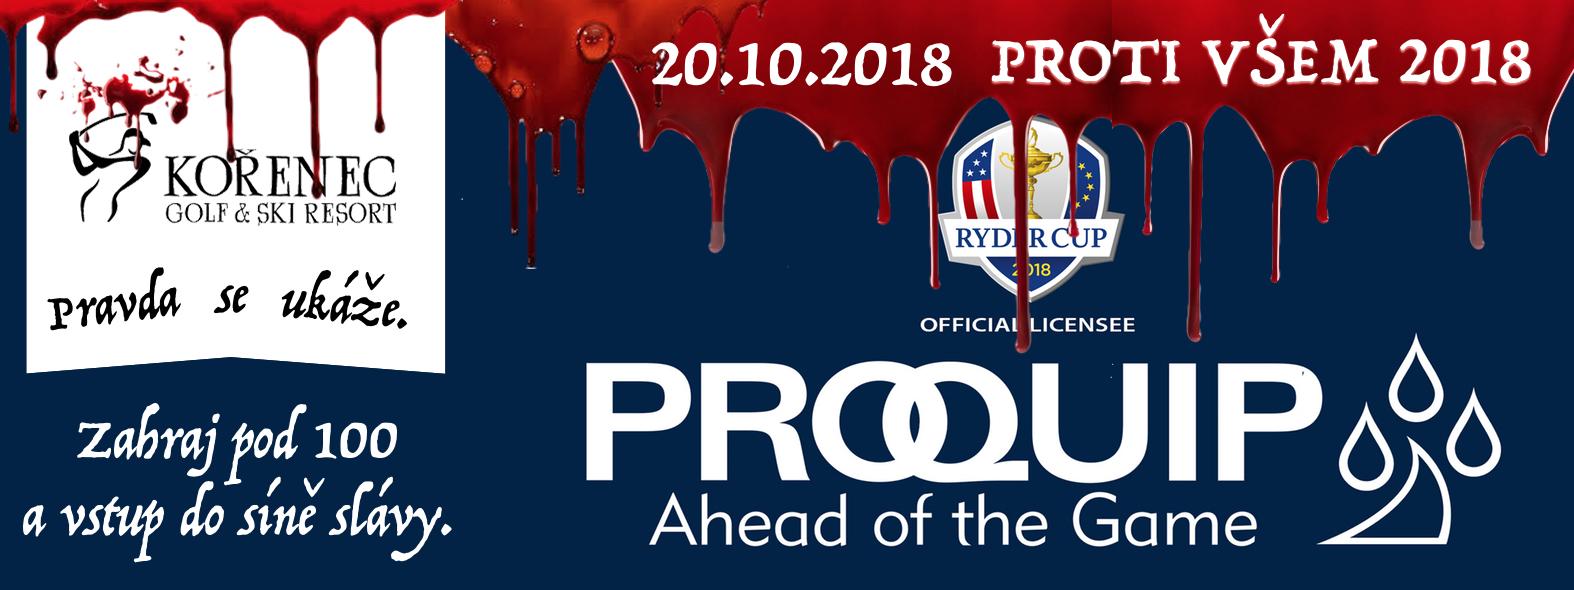 PROTI VŠEM 2018 by PROQUIP GOLF